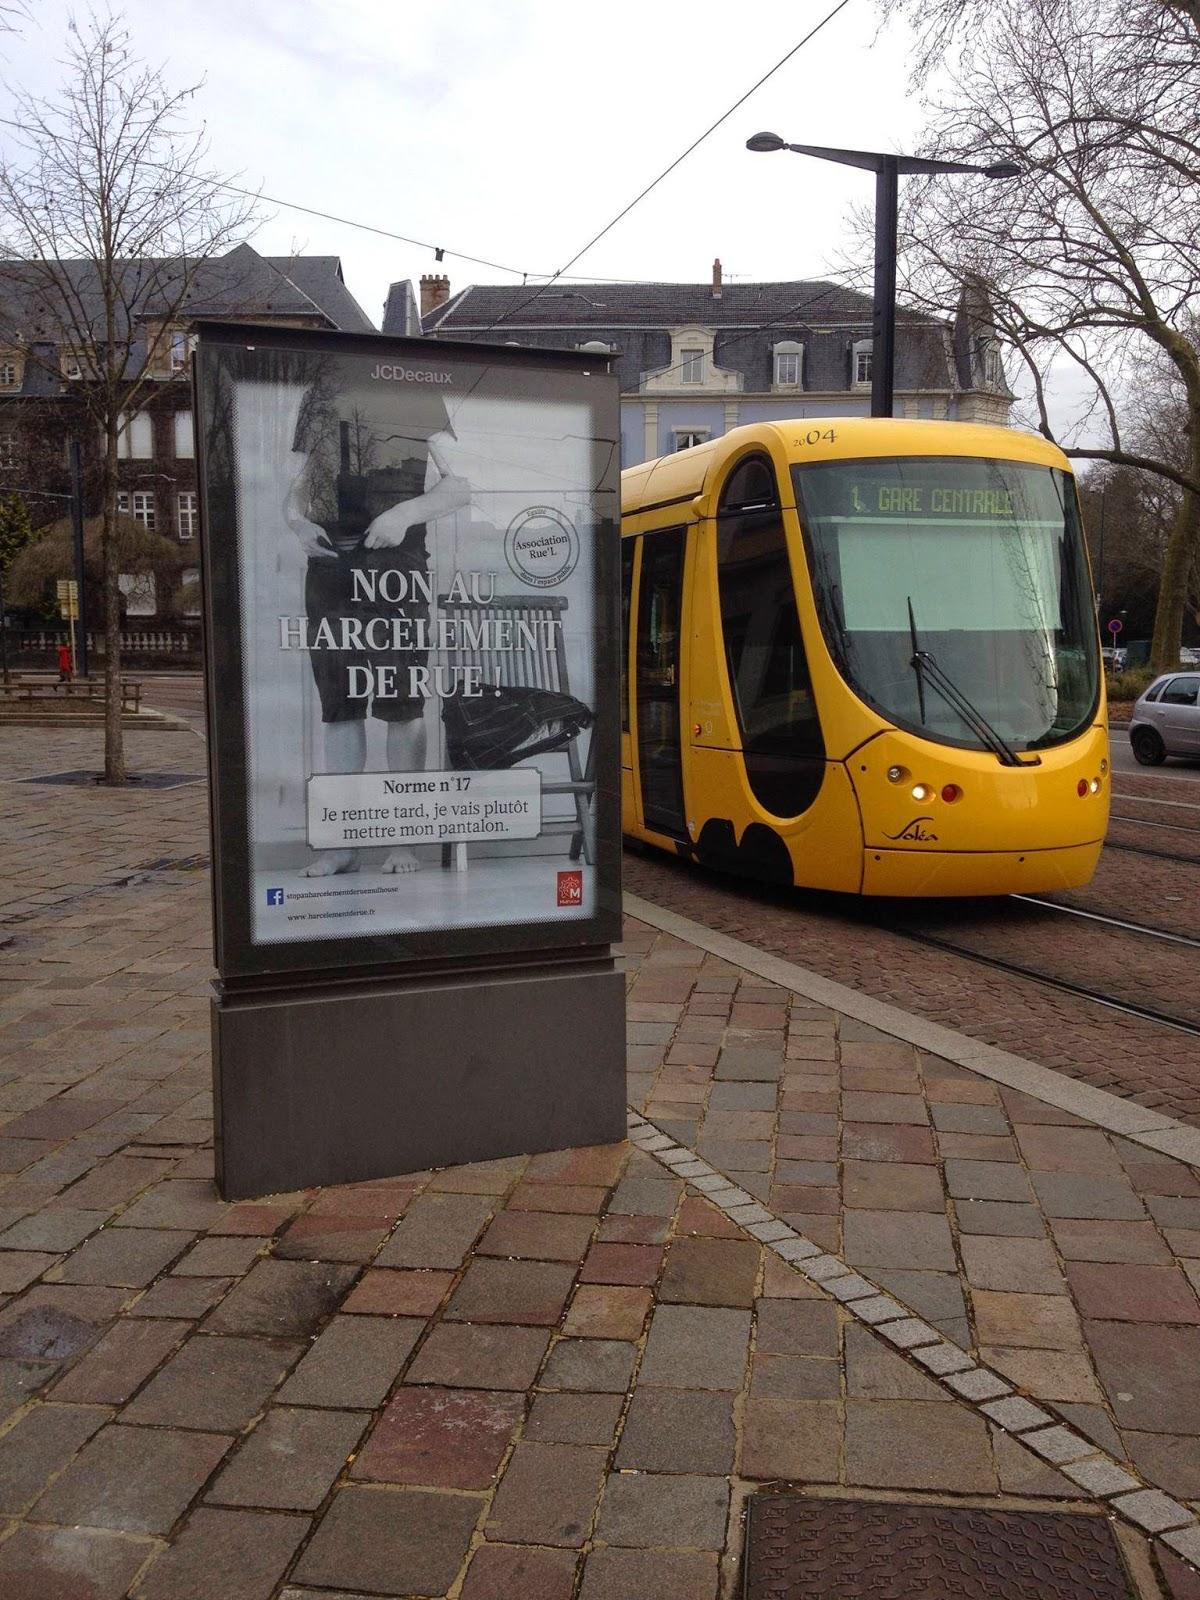 Campagne d'affichage harcèlement de rue Mulhouse